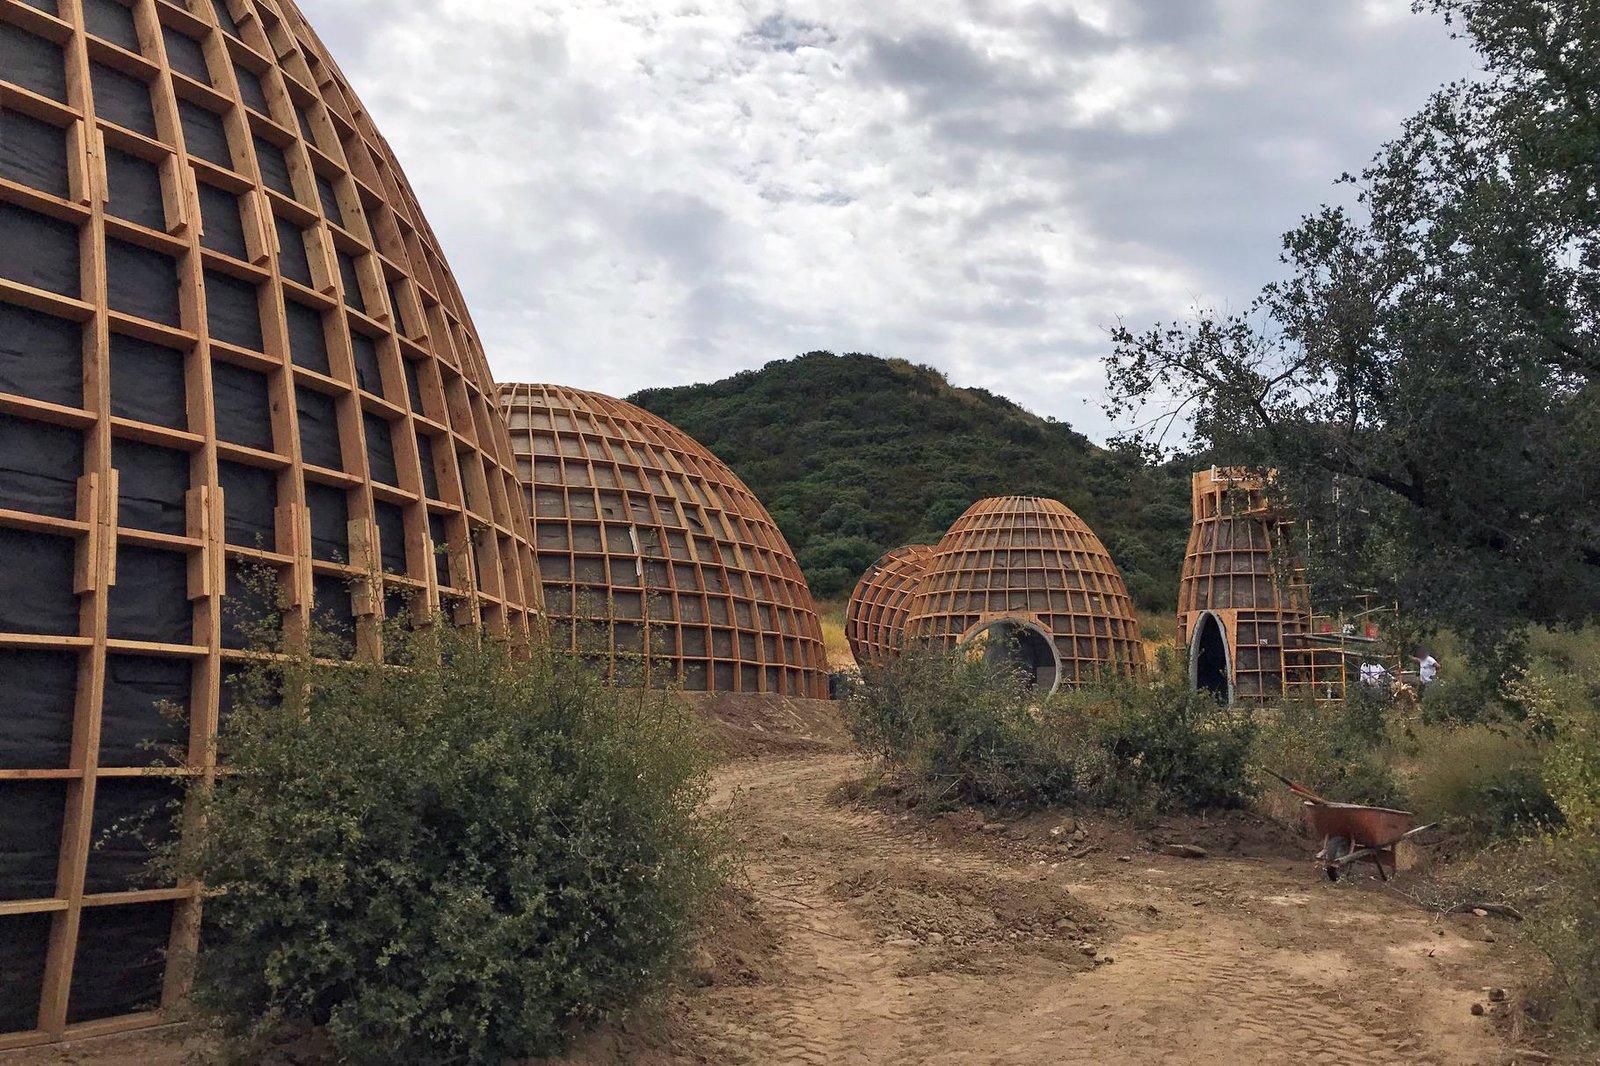 Kanye West's Prefab Dome Homes Have Been Demolished